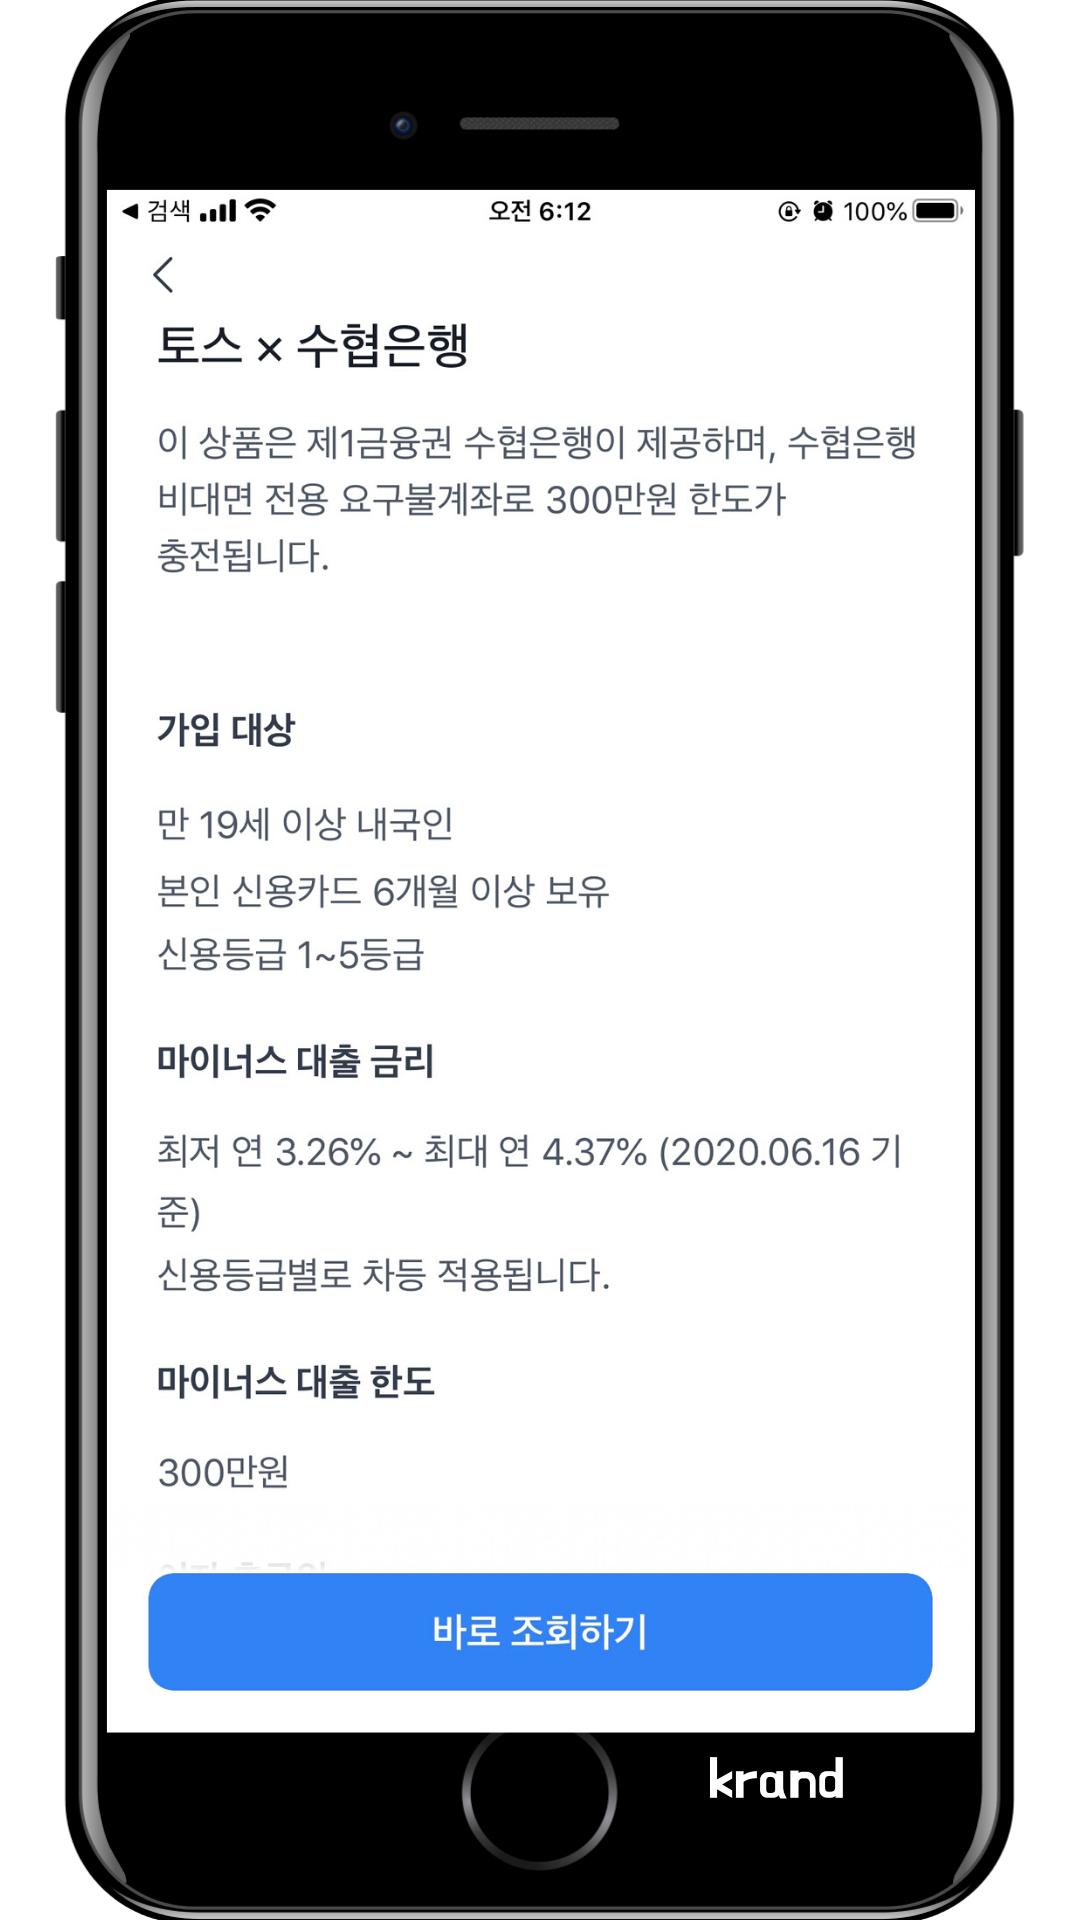 토스 마이너스 통장